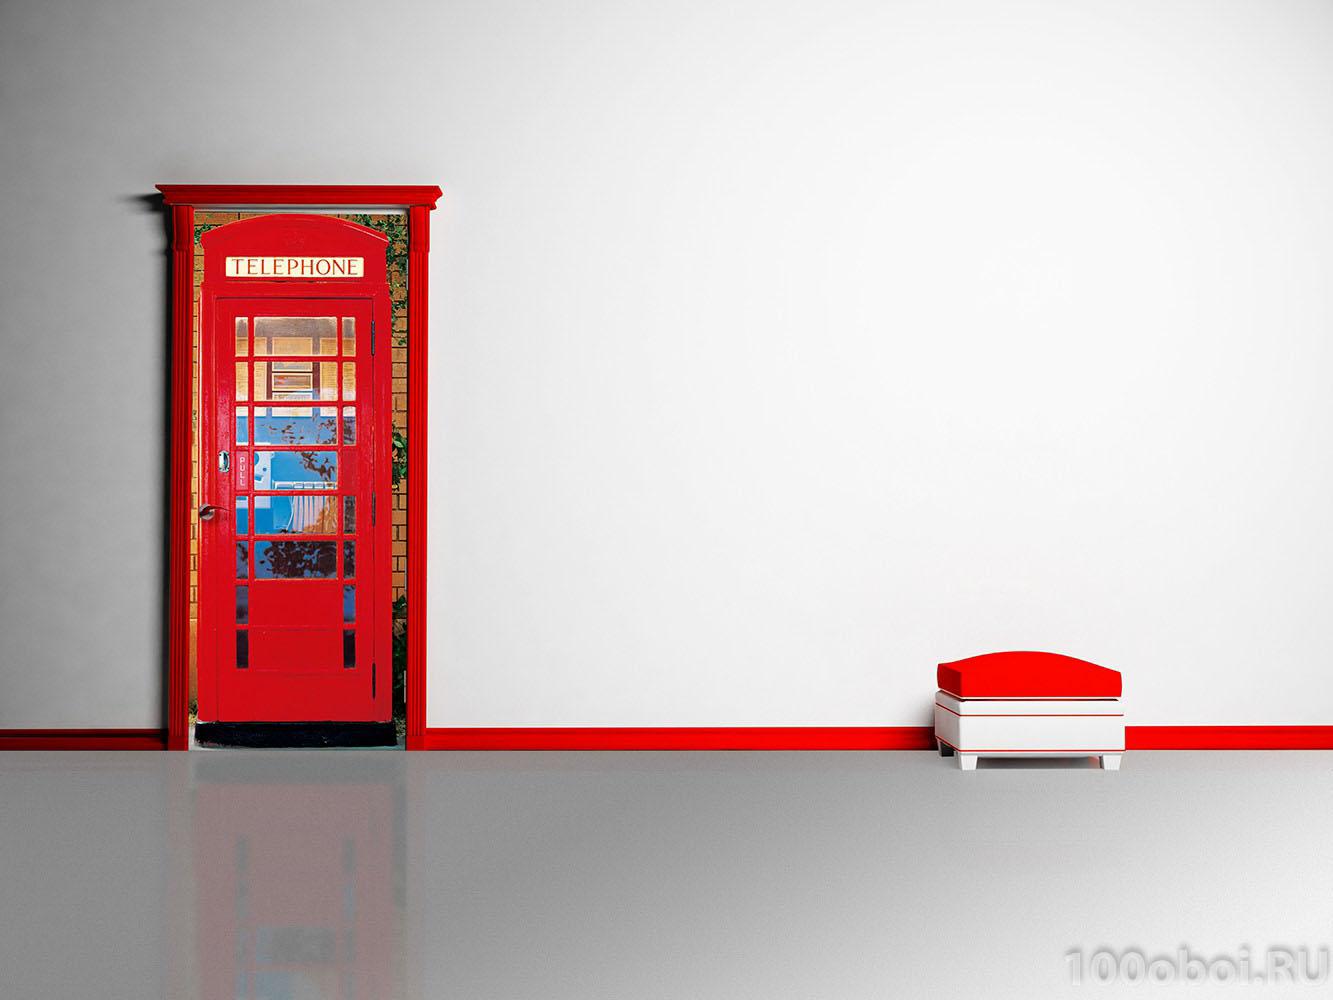 Как сделать дверь английскую телефонную будку